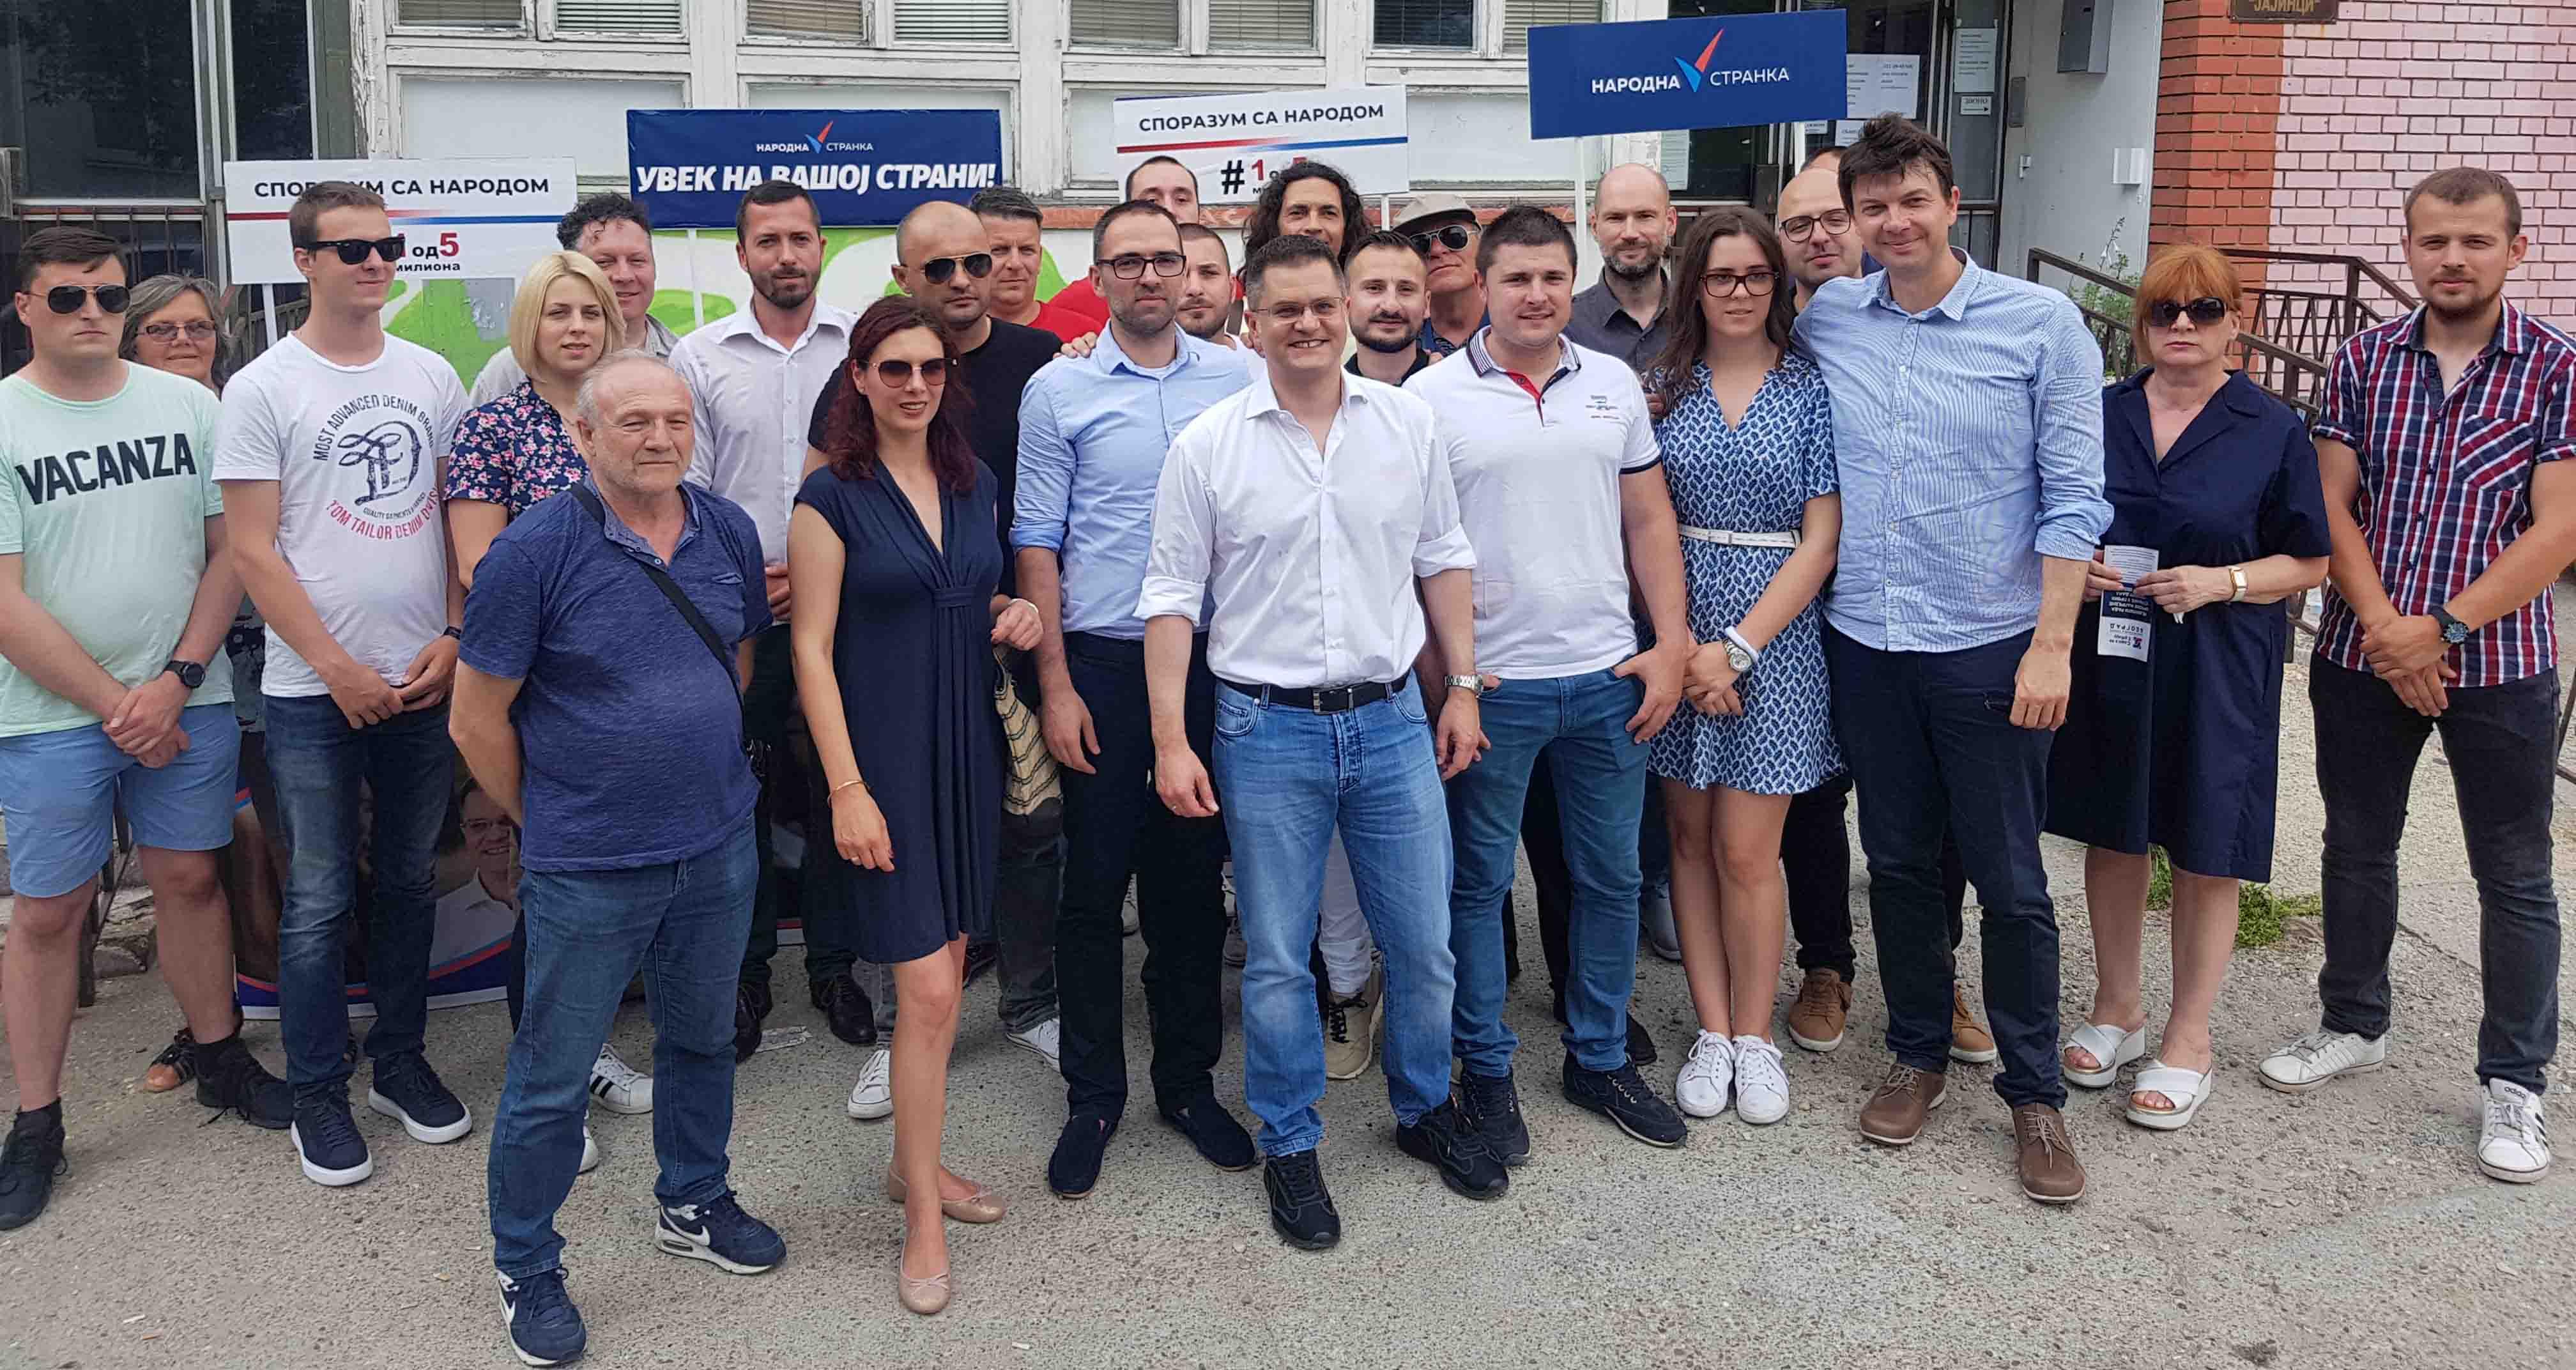 Јеремић: СНС се одржава на власти насиљем, одговараће сви до једног